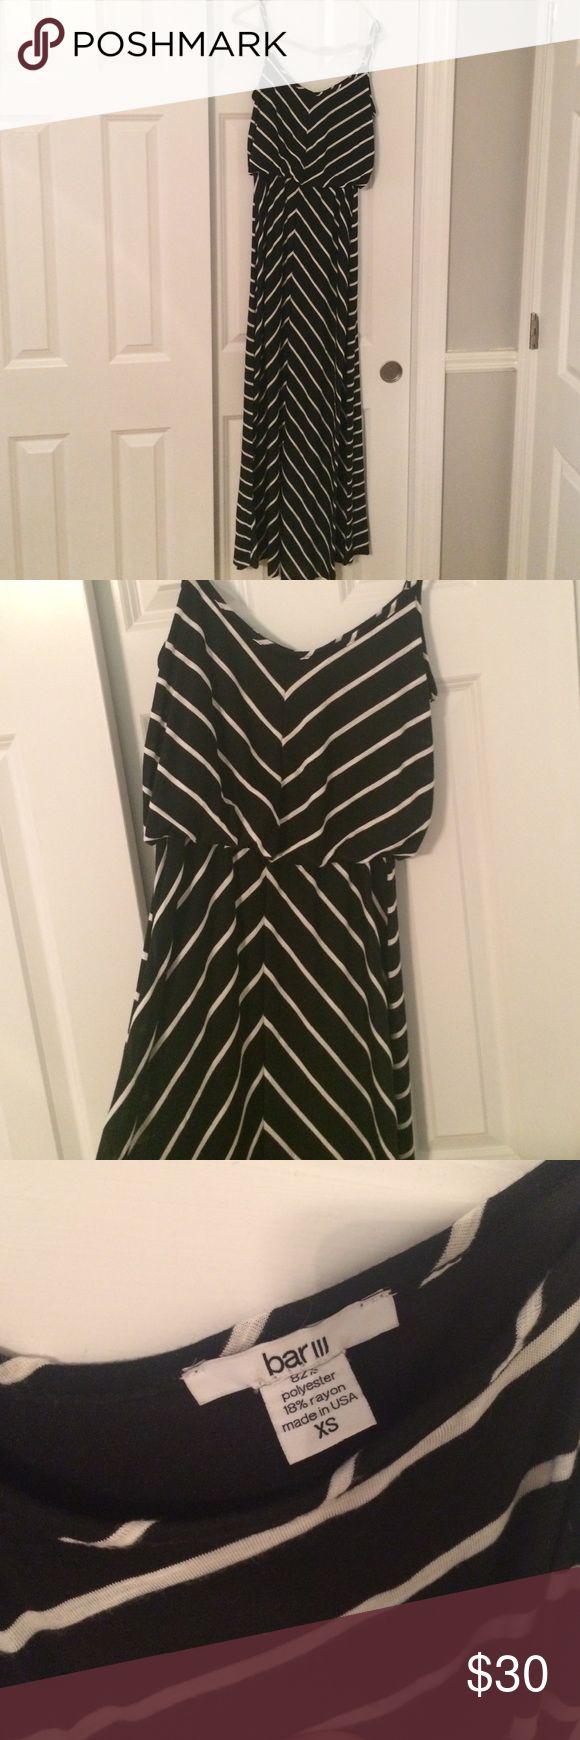 striped maxi dress worn once! Bar III Dresses Maxi